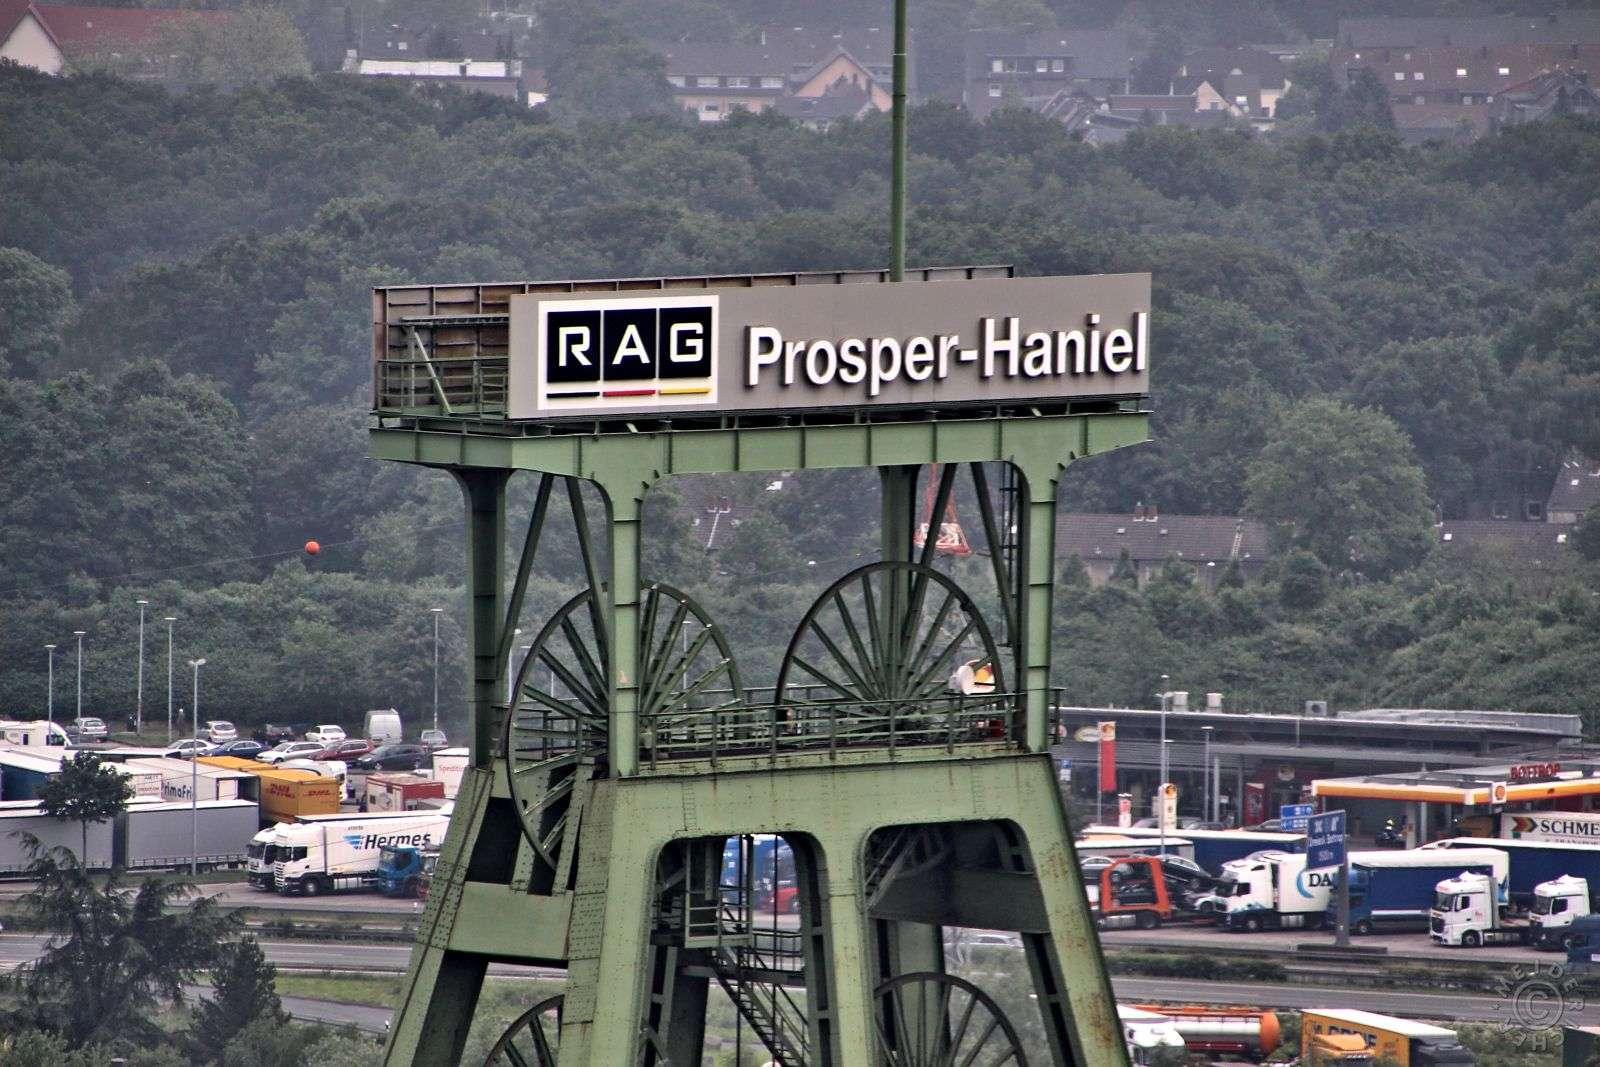 Bergwerk Prosper-Haniel 1213